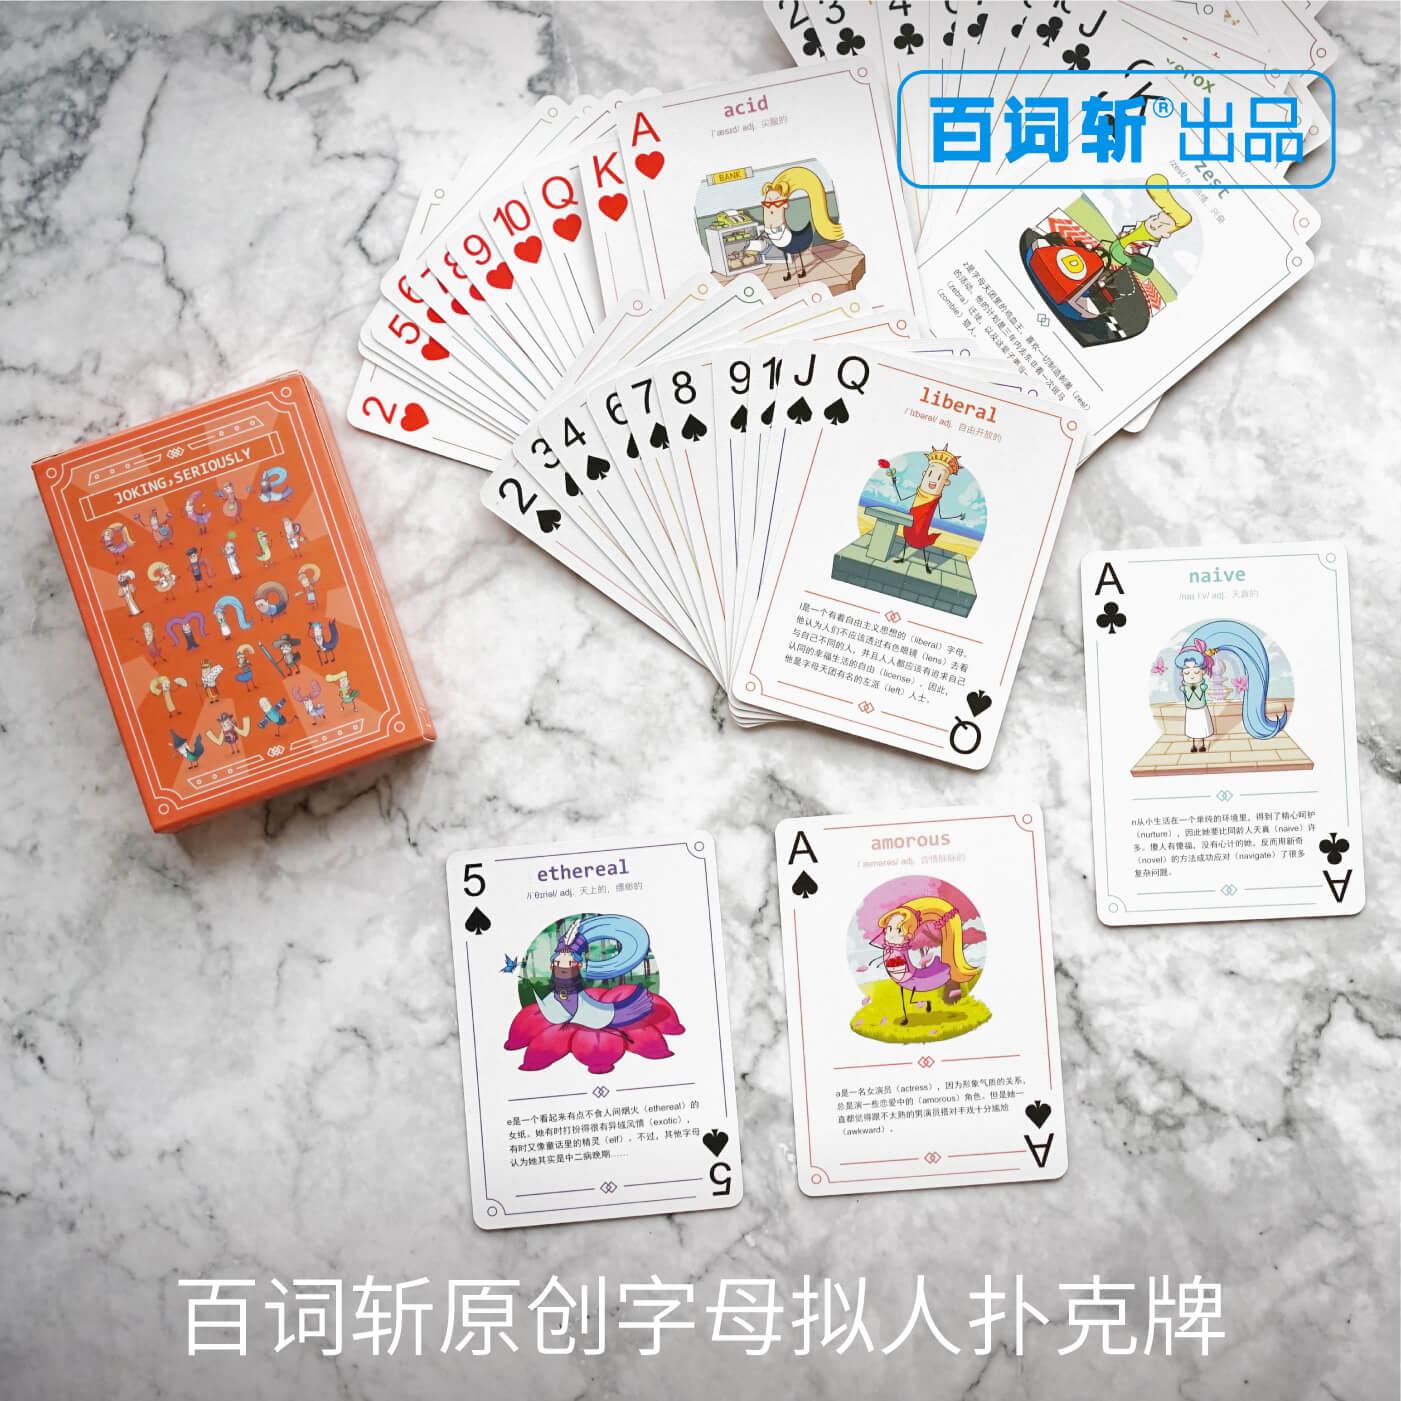 【百词斩出品】Gotcha字母天团扑克牌 poker 一张一个人物一边娱乐一边学习 扑克牌 创意 字母卡片 英语单词卡片 英语字母